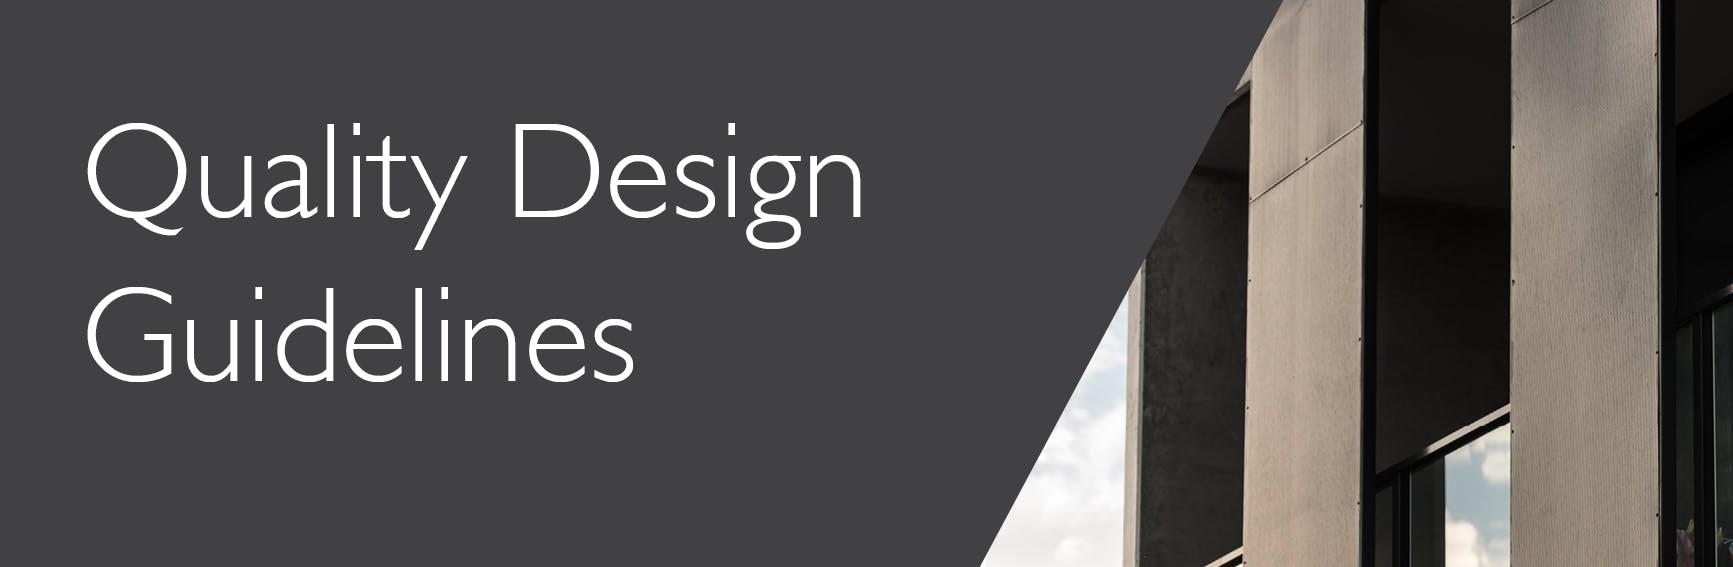 Quality design principles